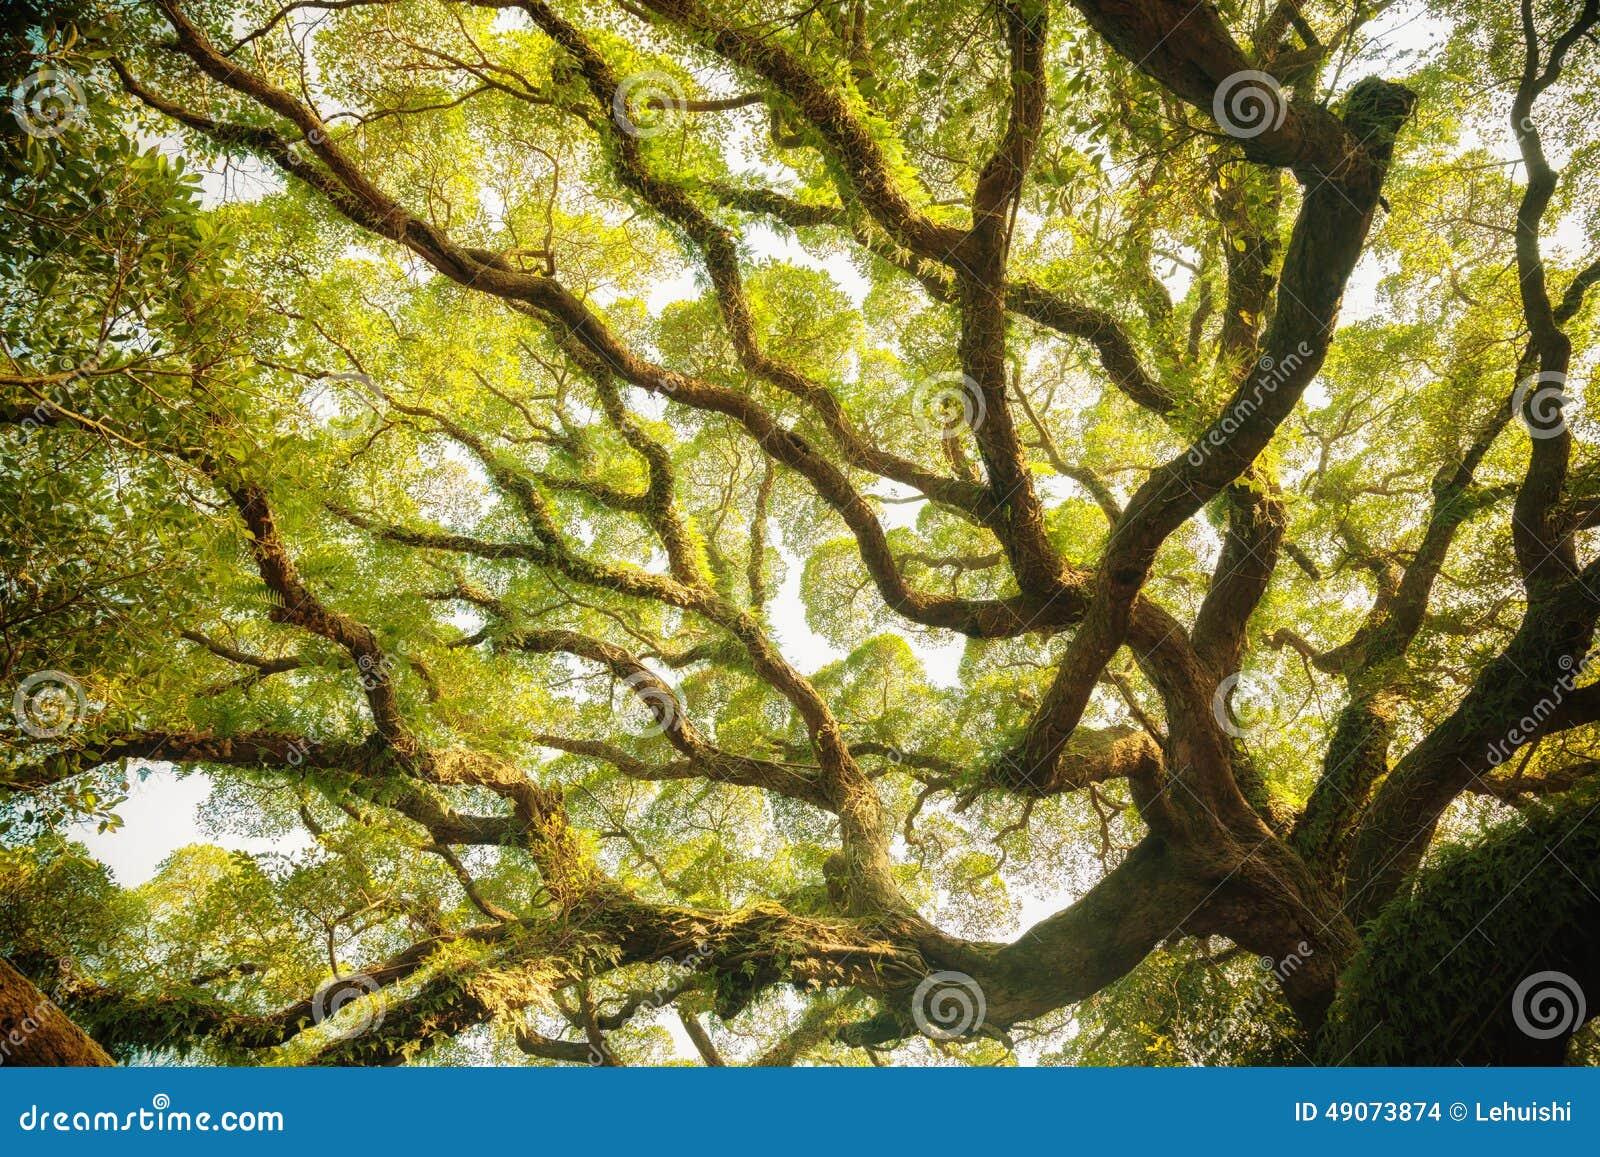 古老印度榕树机盖